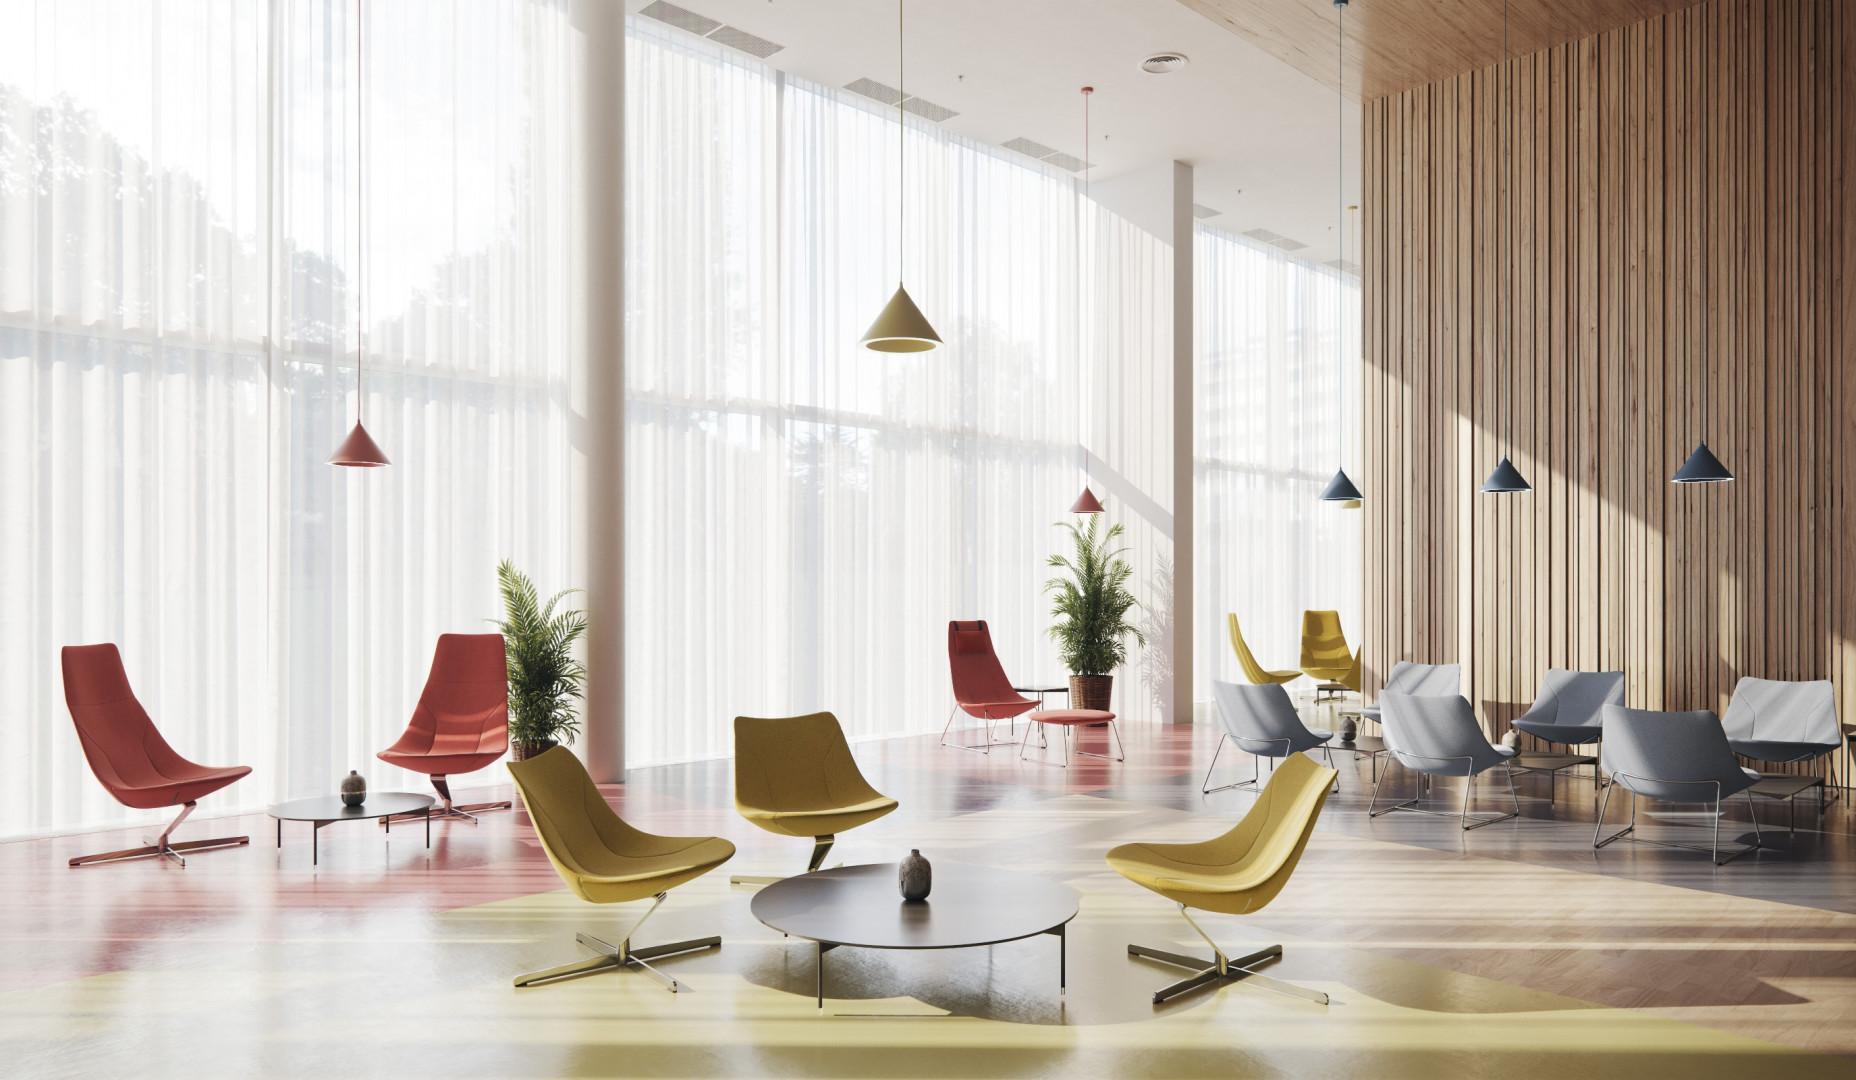 Kolekcja siedzisk Chic Lounge firmy Profim. Fot. Profim